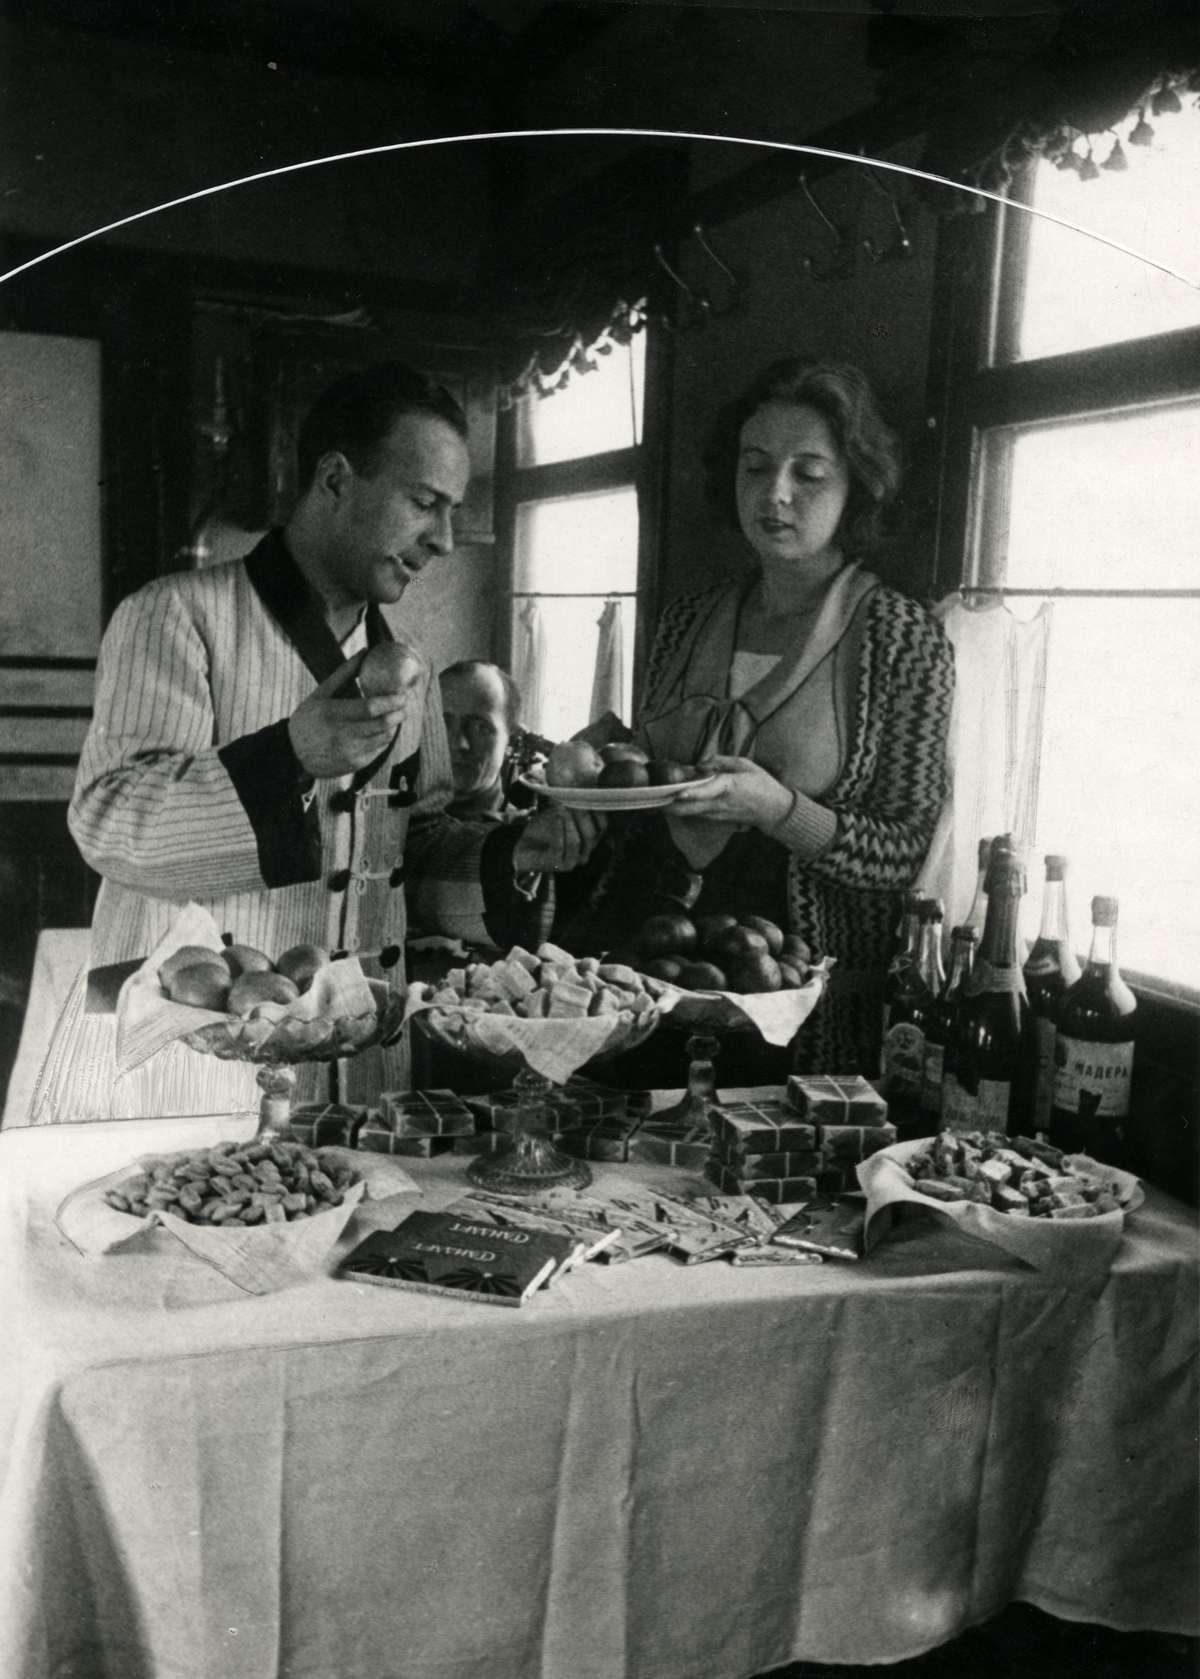 Вагон-ресторан, предлагающий лучшие блюда русской кухни. Мужчина и женщина стоят возле стола с фруктами, шоколадом и бутылками и вина.